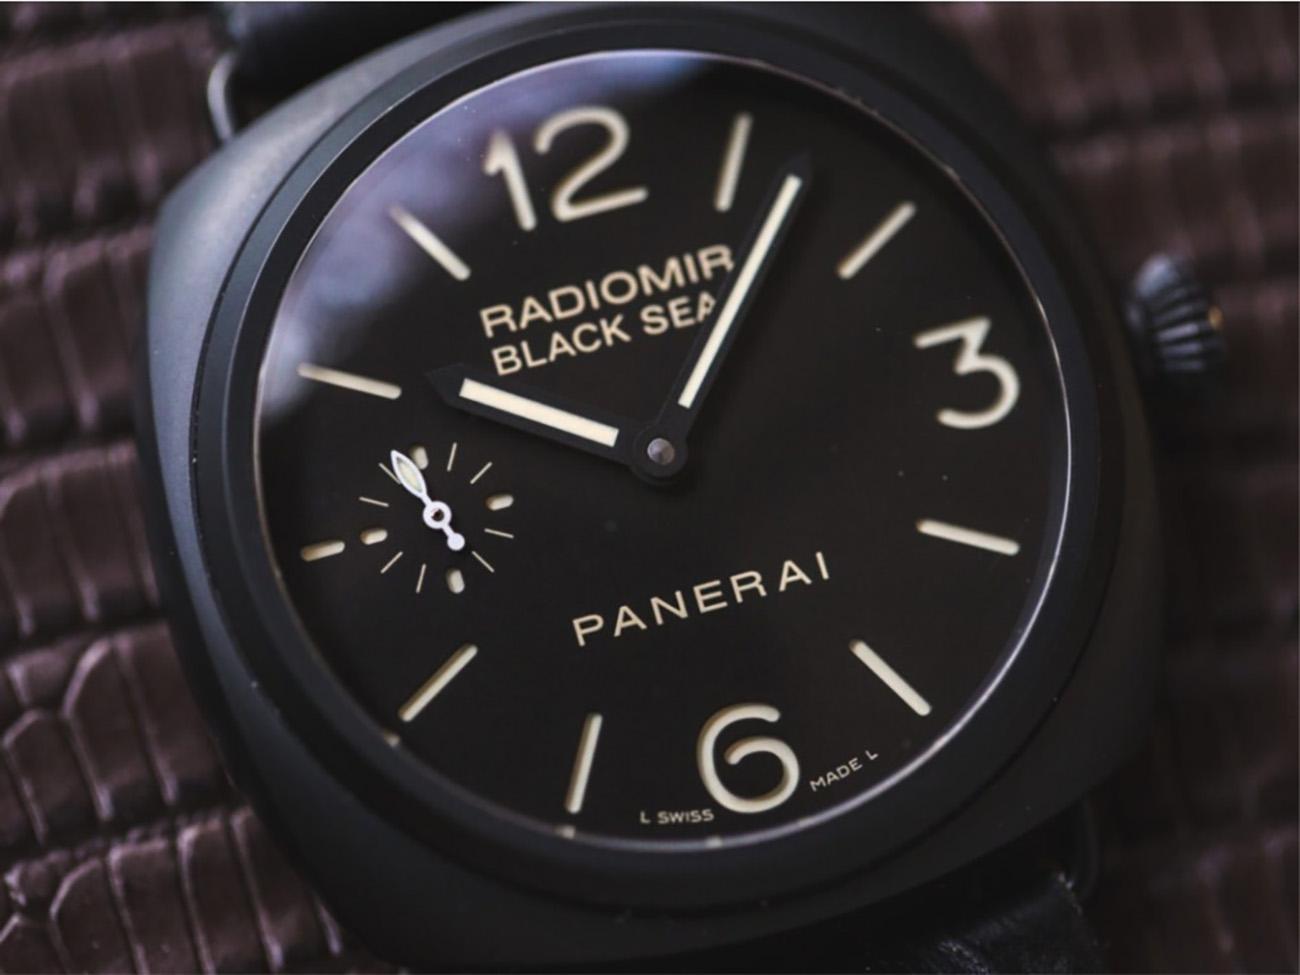 5 ρολόγια που μπορείς να φοράς σε όλες τις περιστάσεις